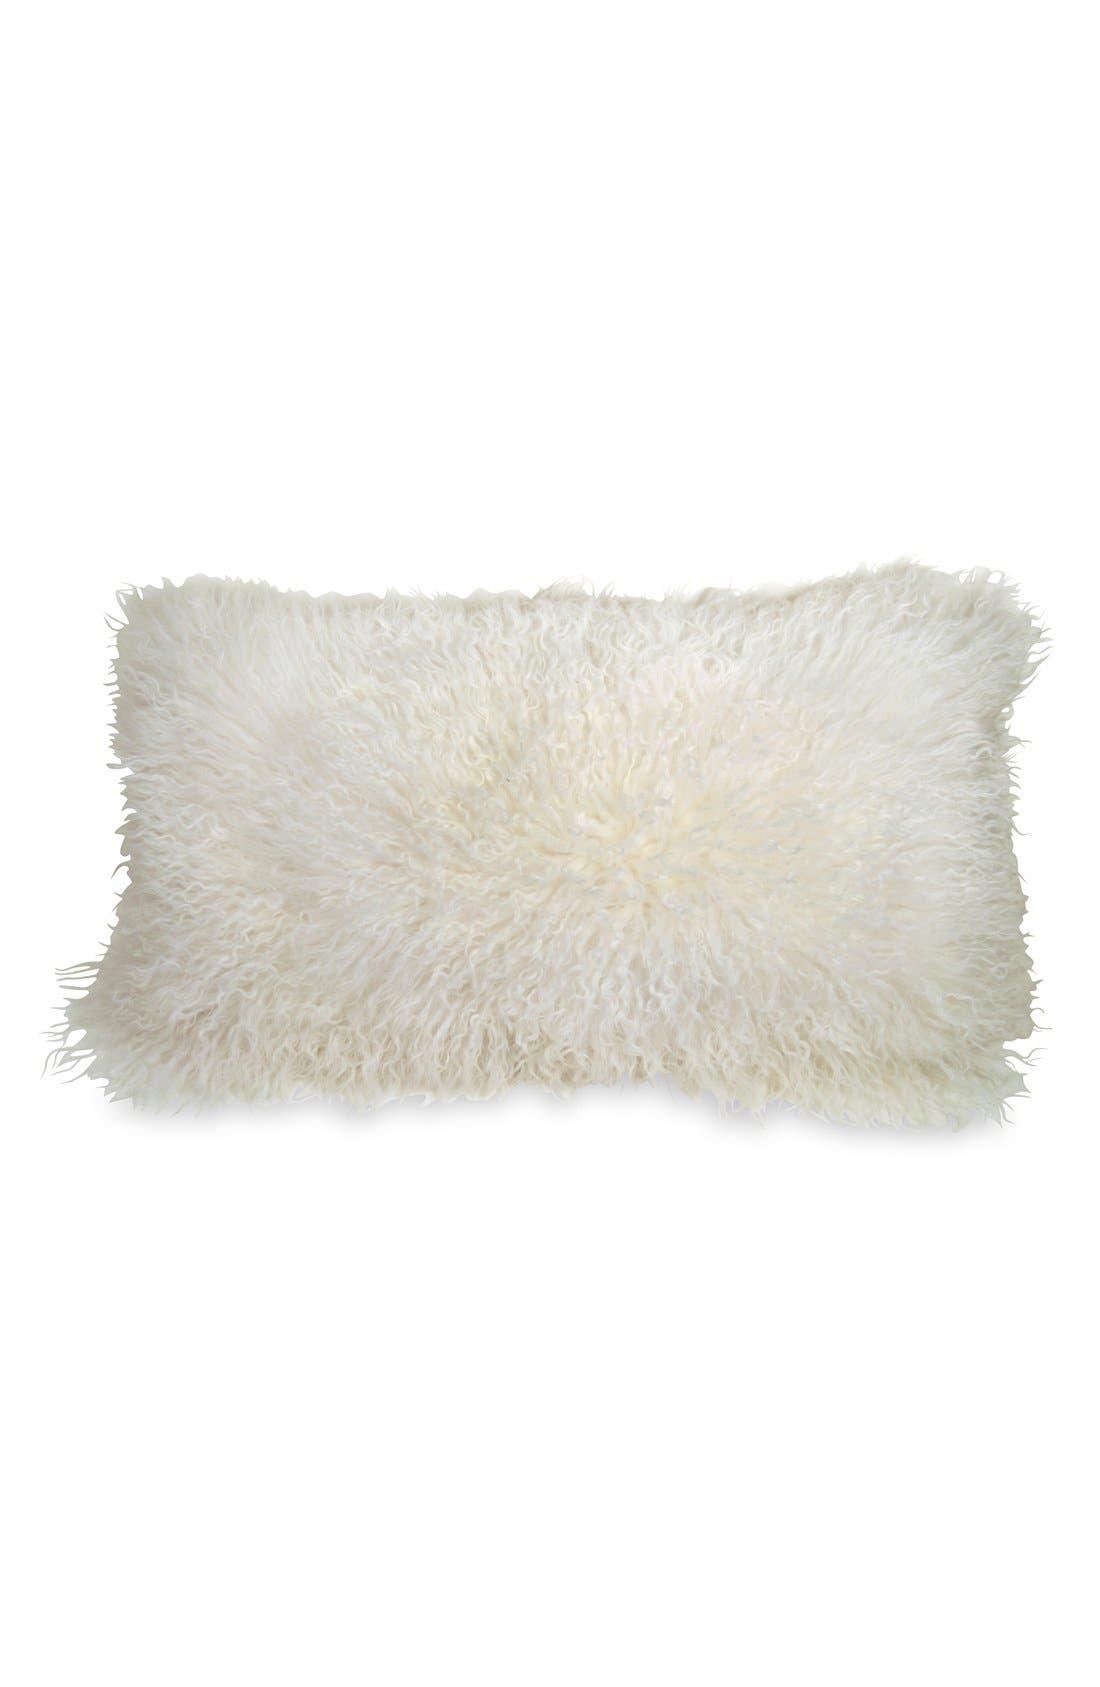 Main Image - Donna Karan Collection 'Moonscape' Flokati Fur Pillow